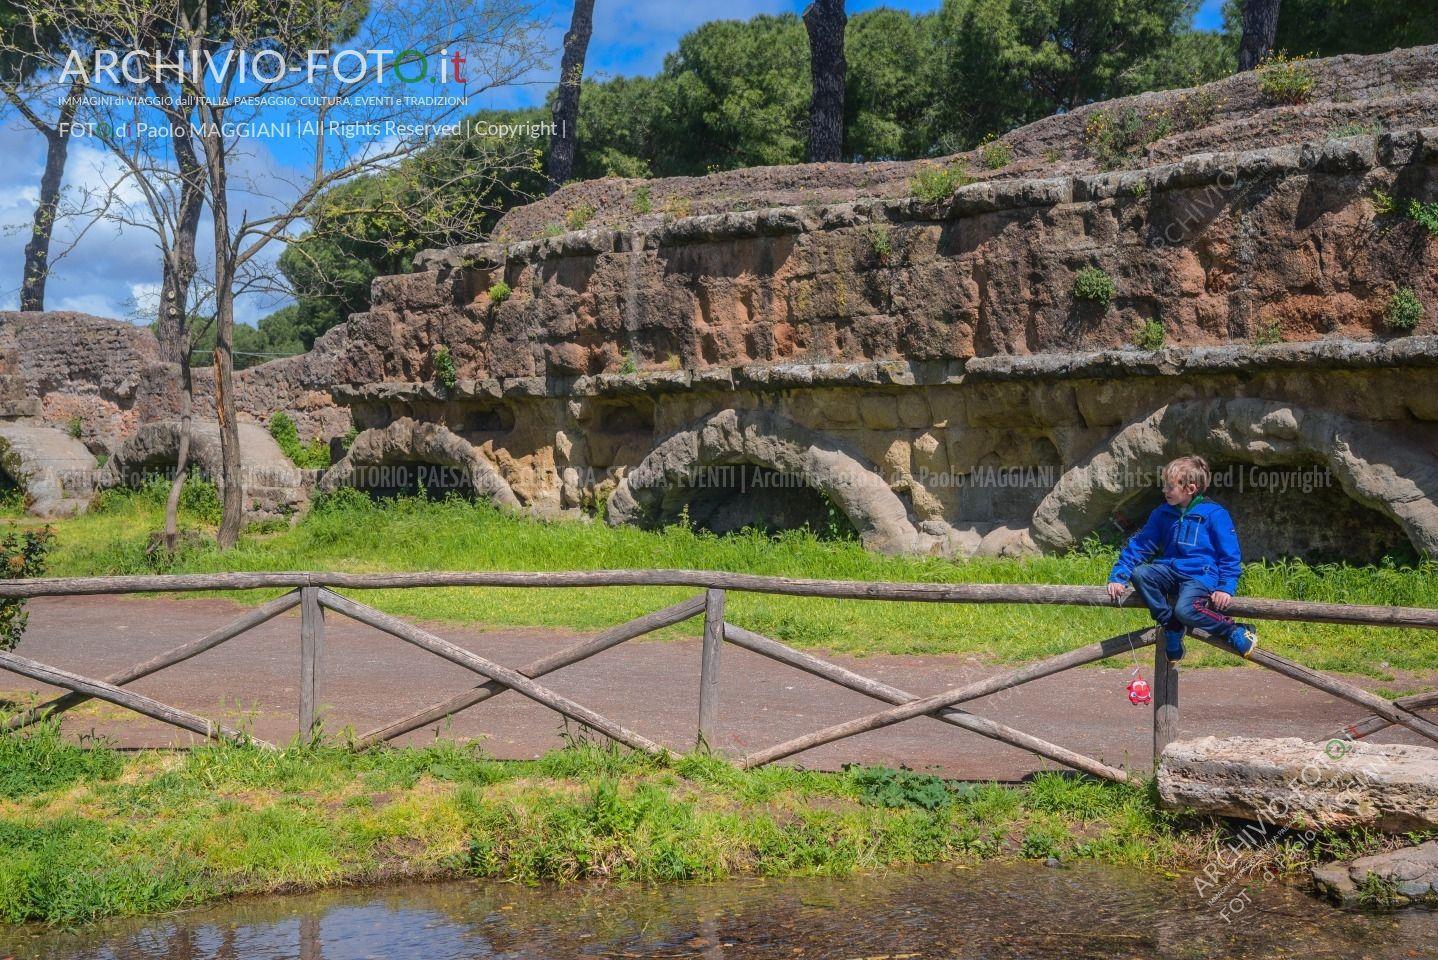 178ND61019P_MAG_3774_Paolo-Maggiani_07042019_Acquedotto-Parco-degli-acquedotti-Roma